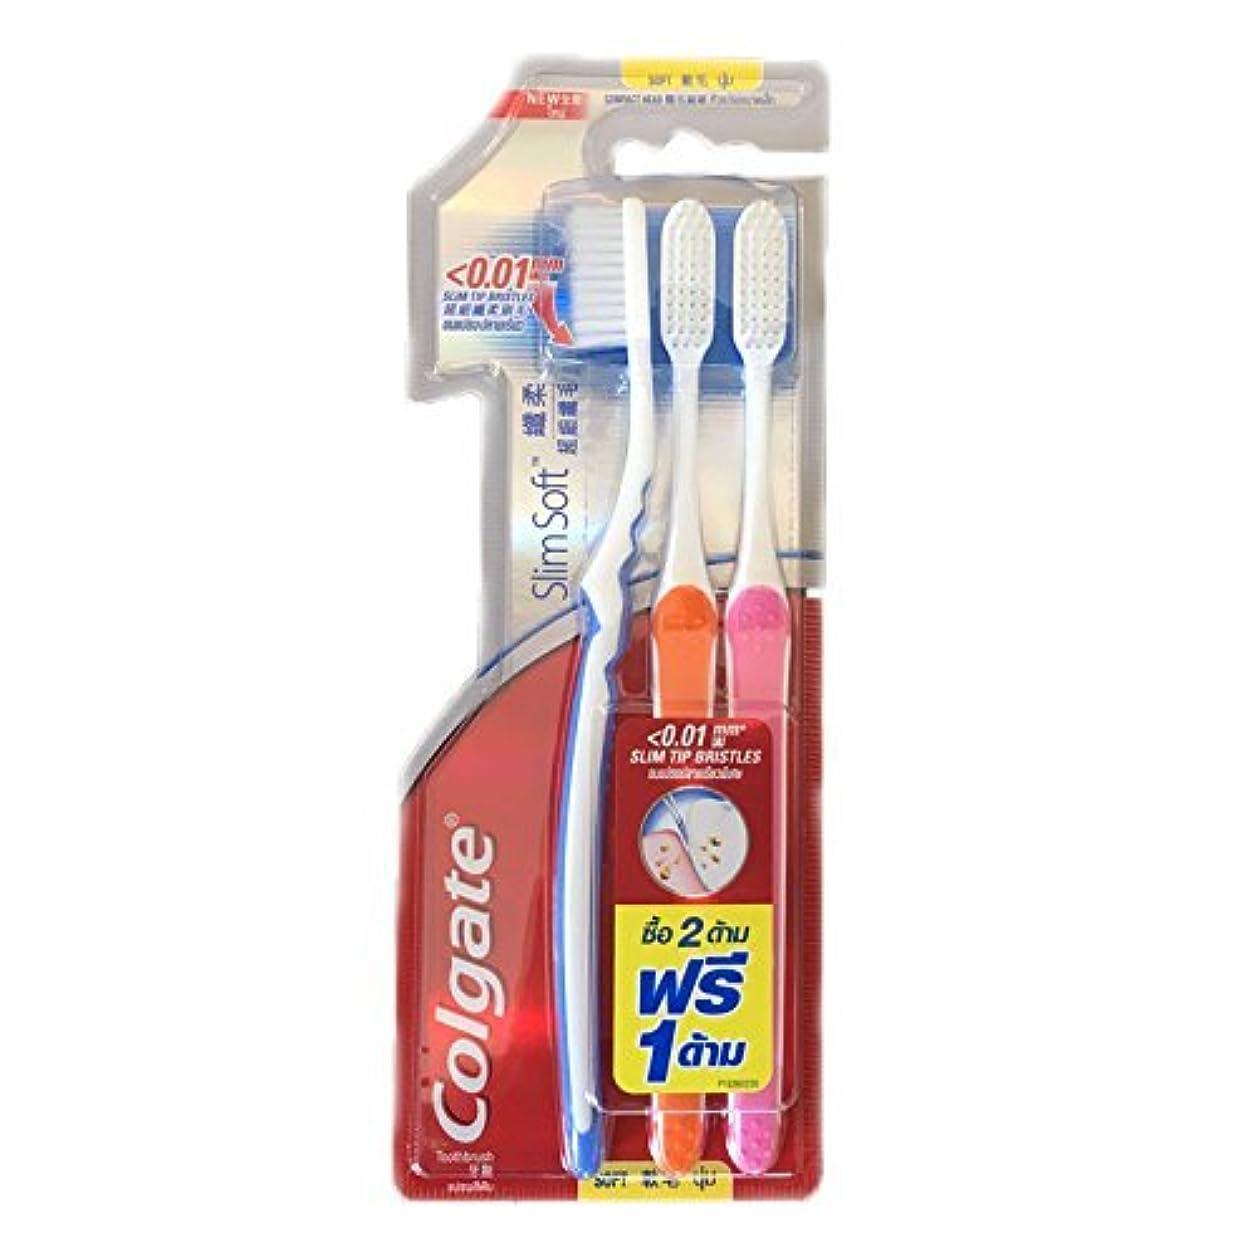 代表団推定する仲介者Colgate Compact Soft | Slim Soft Toothbrush, Family Pack (3 Bristles) by BeautyBreeze